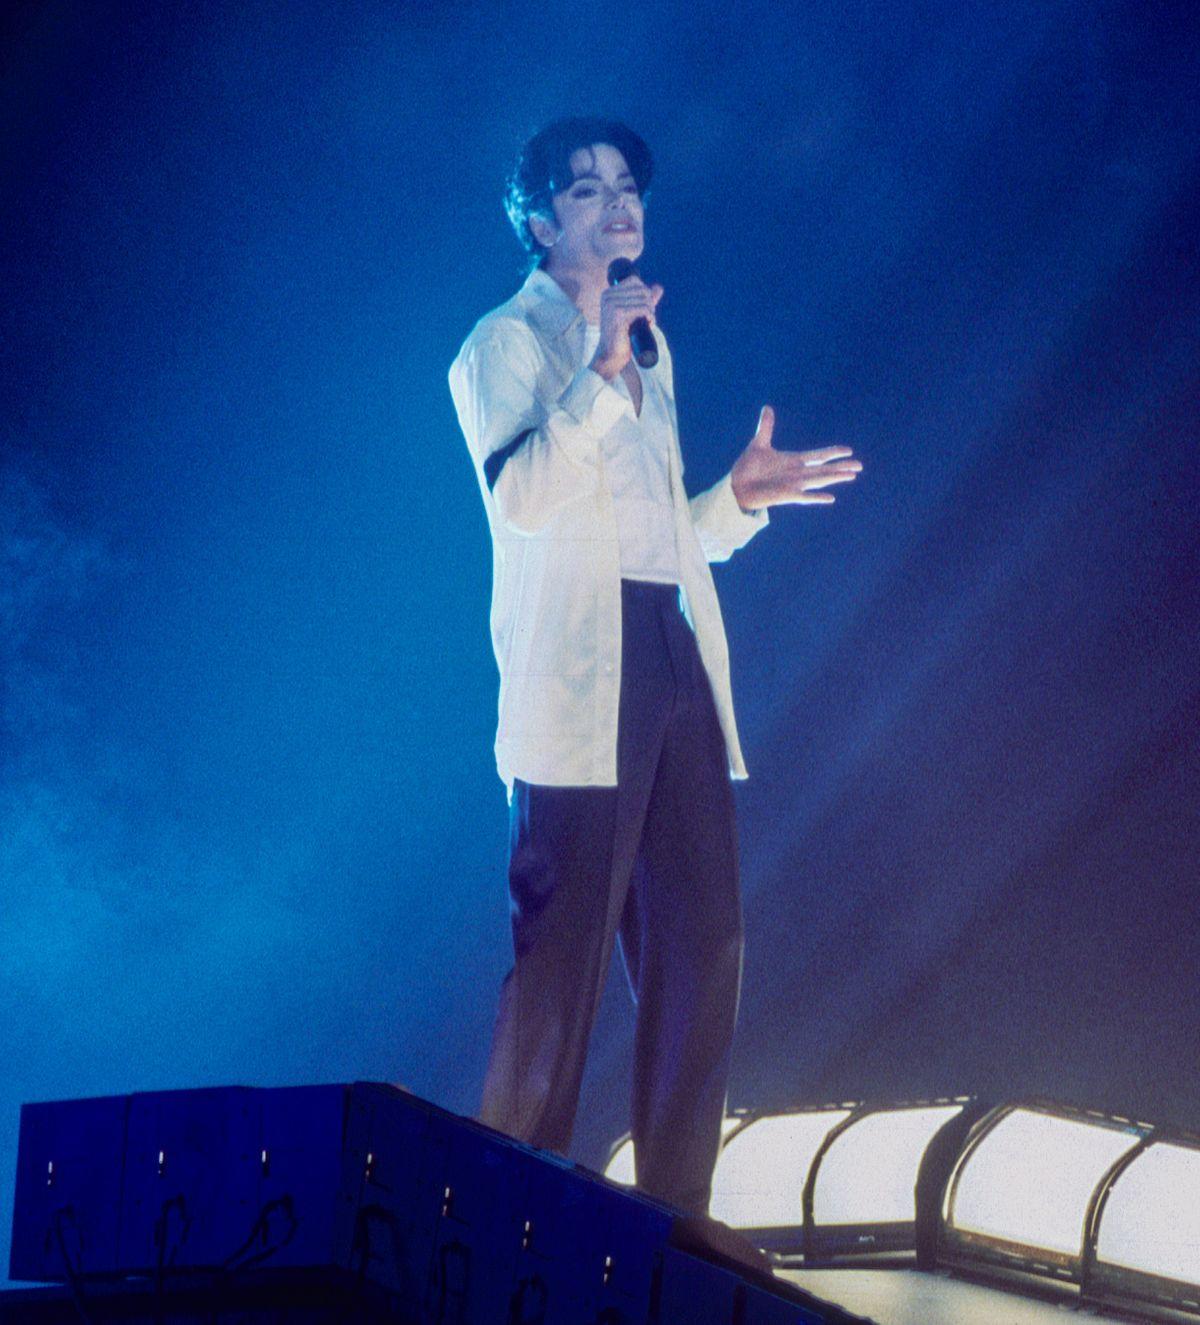 MJ_3a.jpg